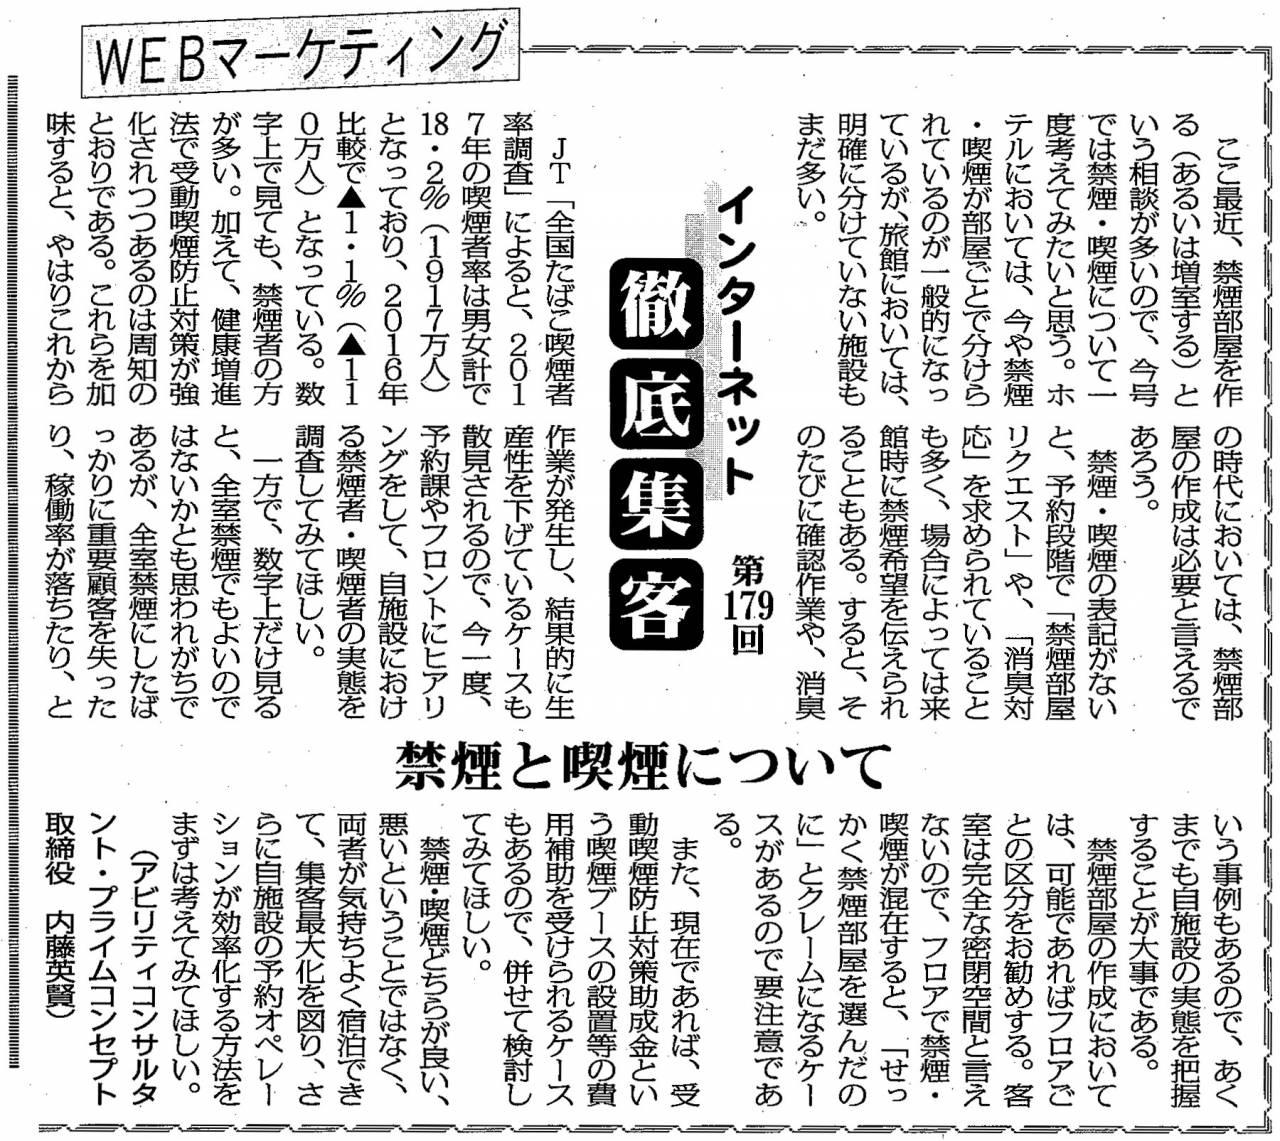 【第179回】WEBマーケティング インターネット徹底集客 (禁煙と喫煙について)